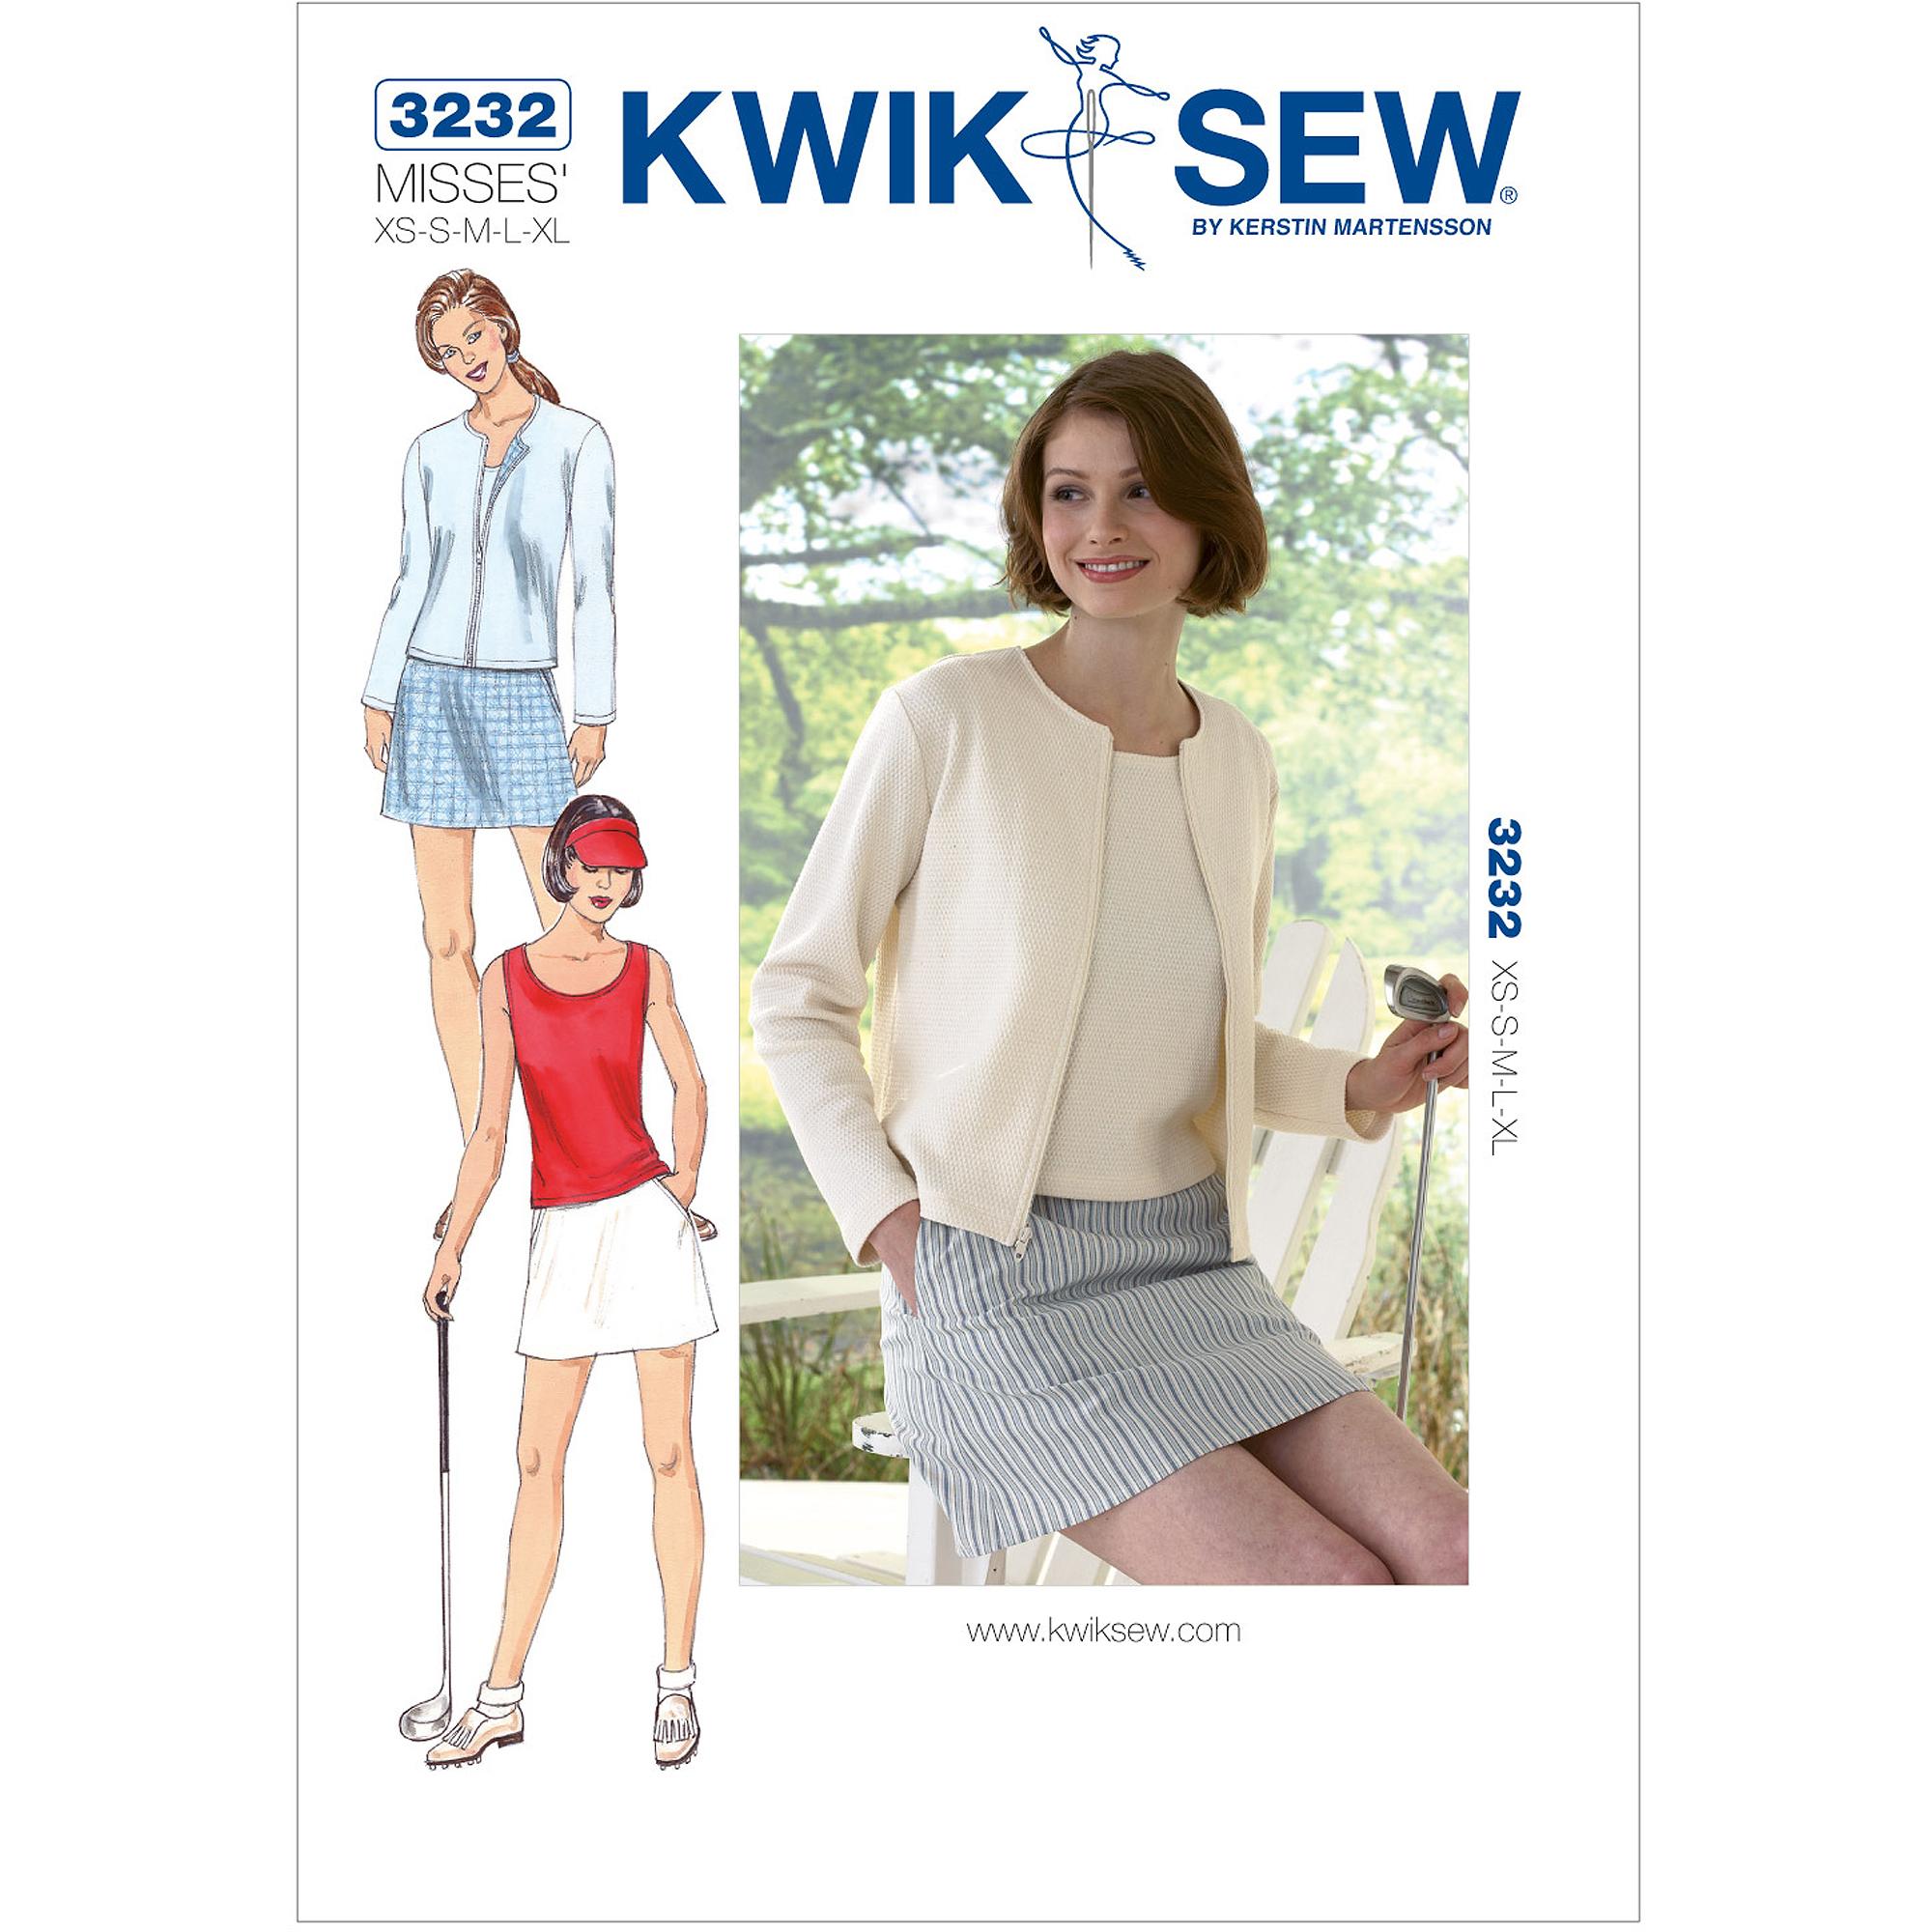 Kwik Sew Pattern Skort, Top and Cardigan, (XS, S, M, L, XL)